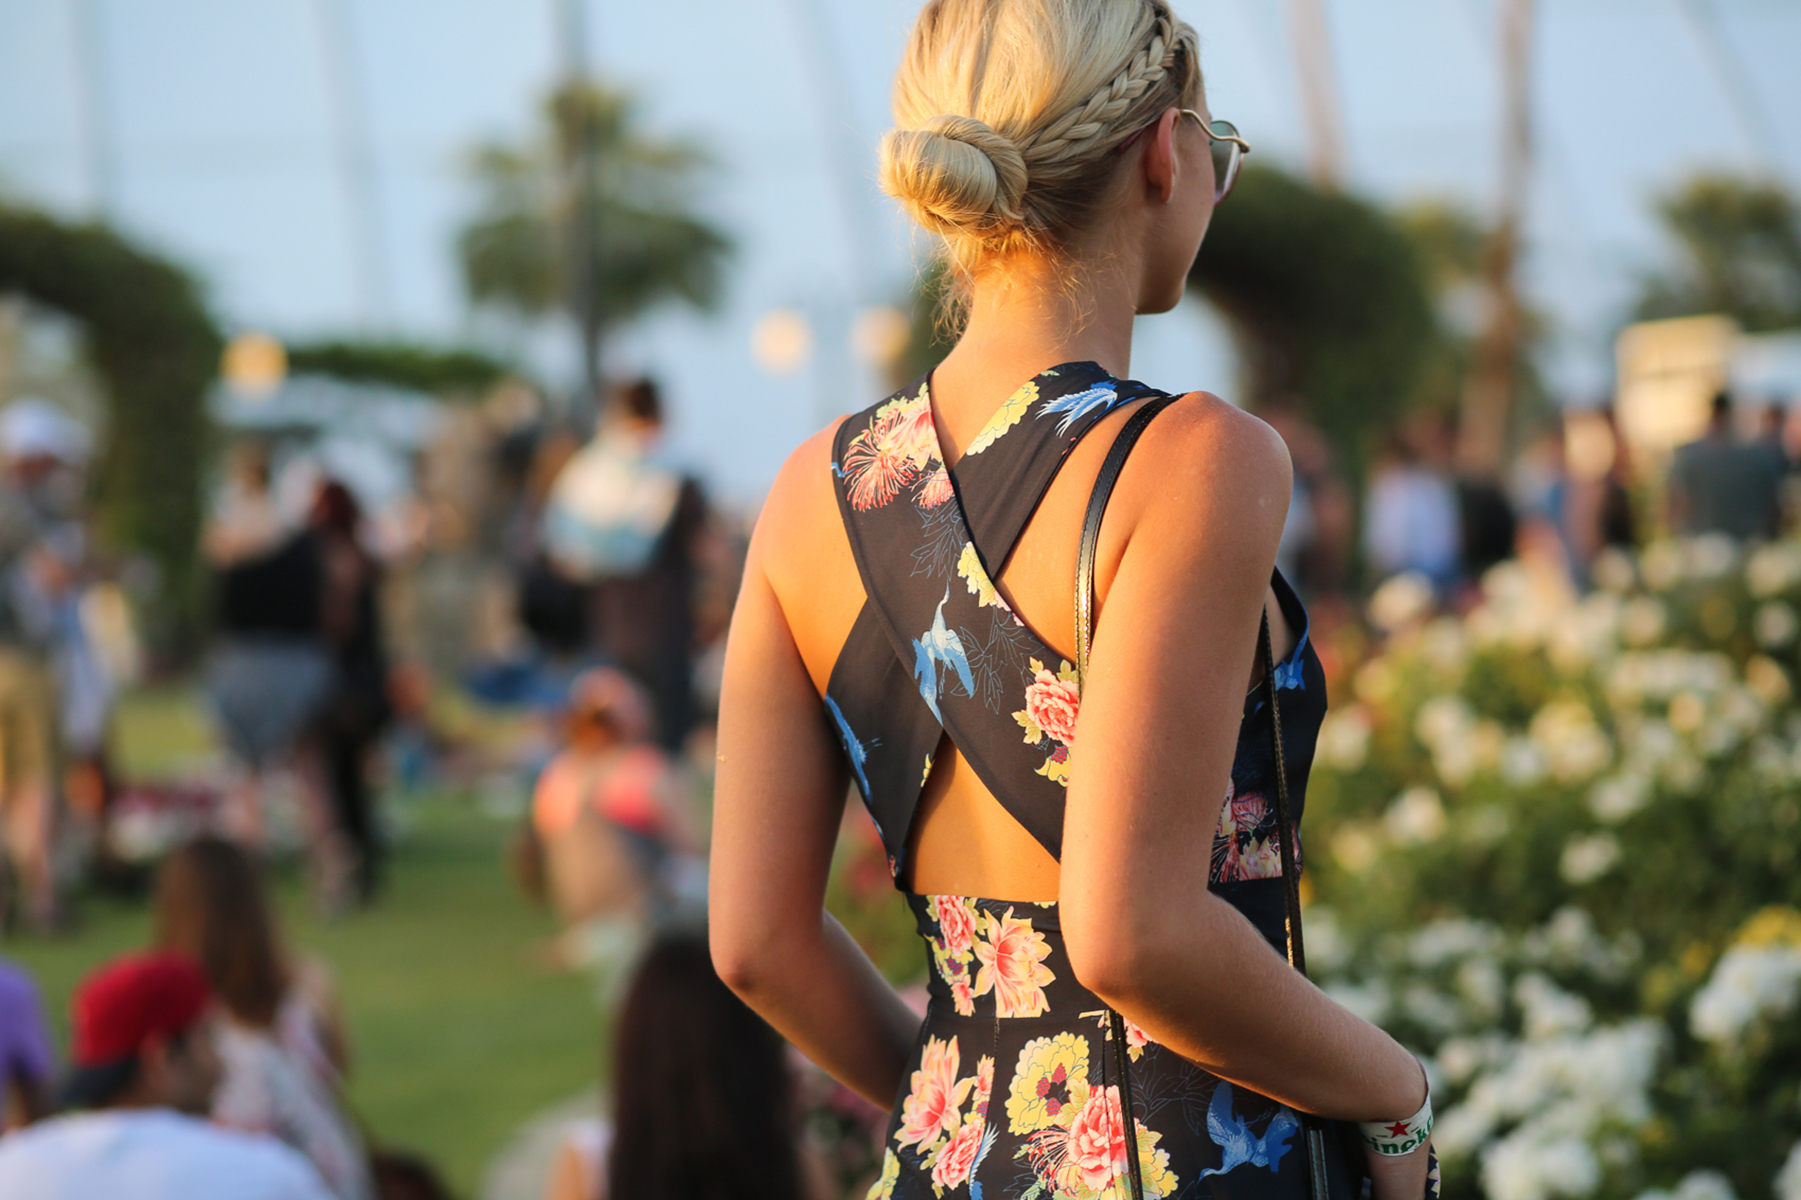 Coachella-Street-Style-2014-06_113813827579